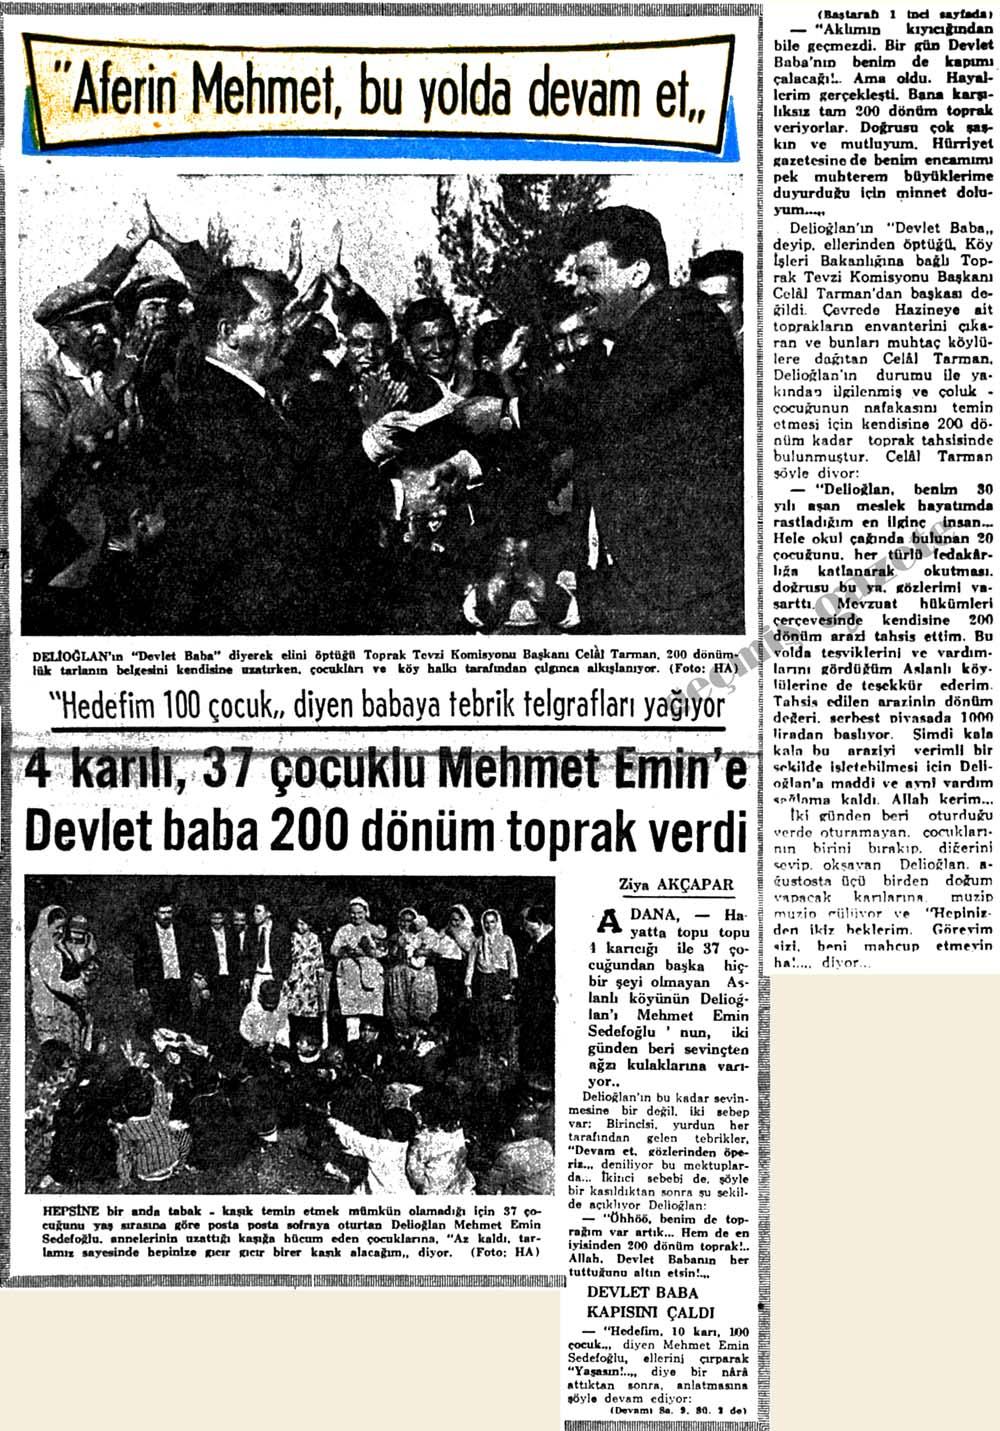 4 karılı, 37 çocuklu Mehmet Emin'e Devlet baba 200 dönüm toprak verdi